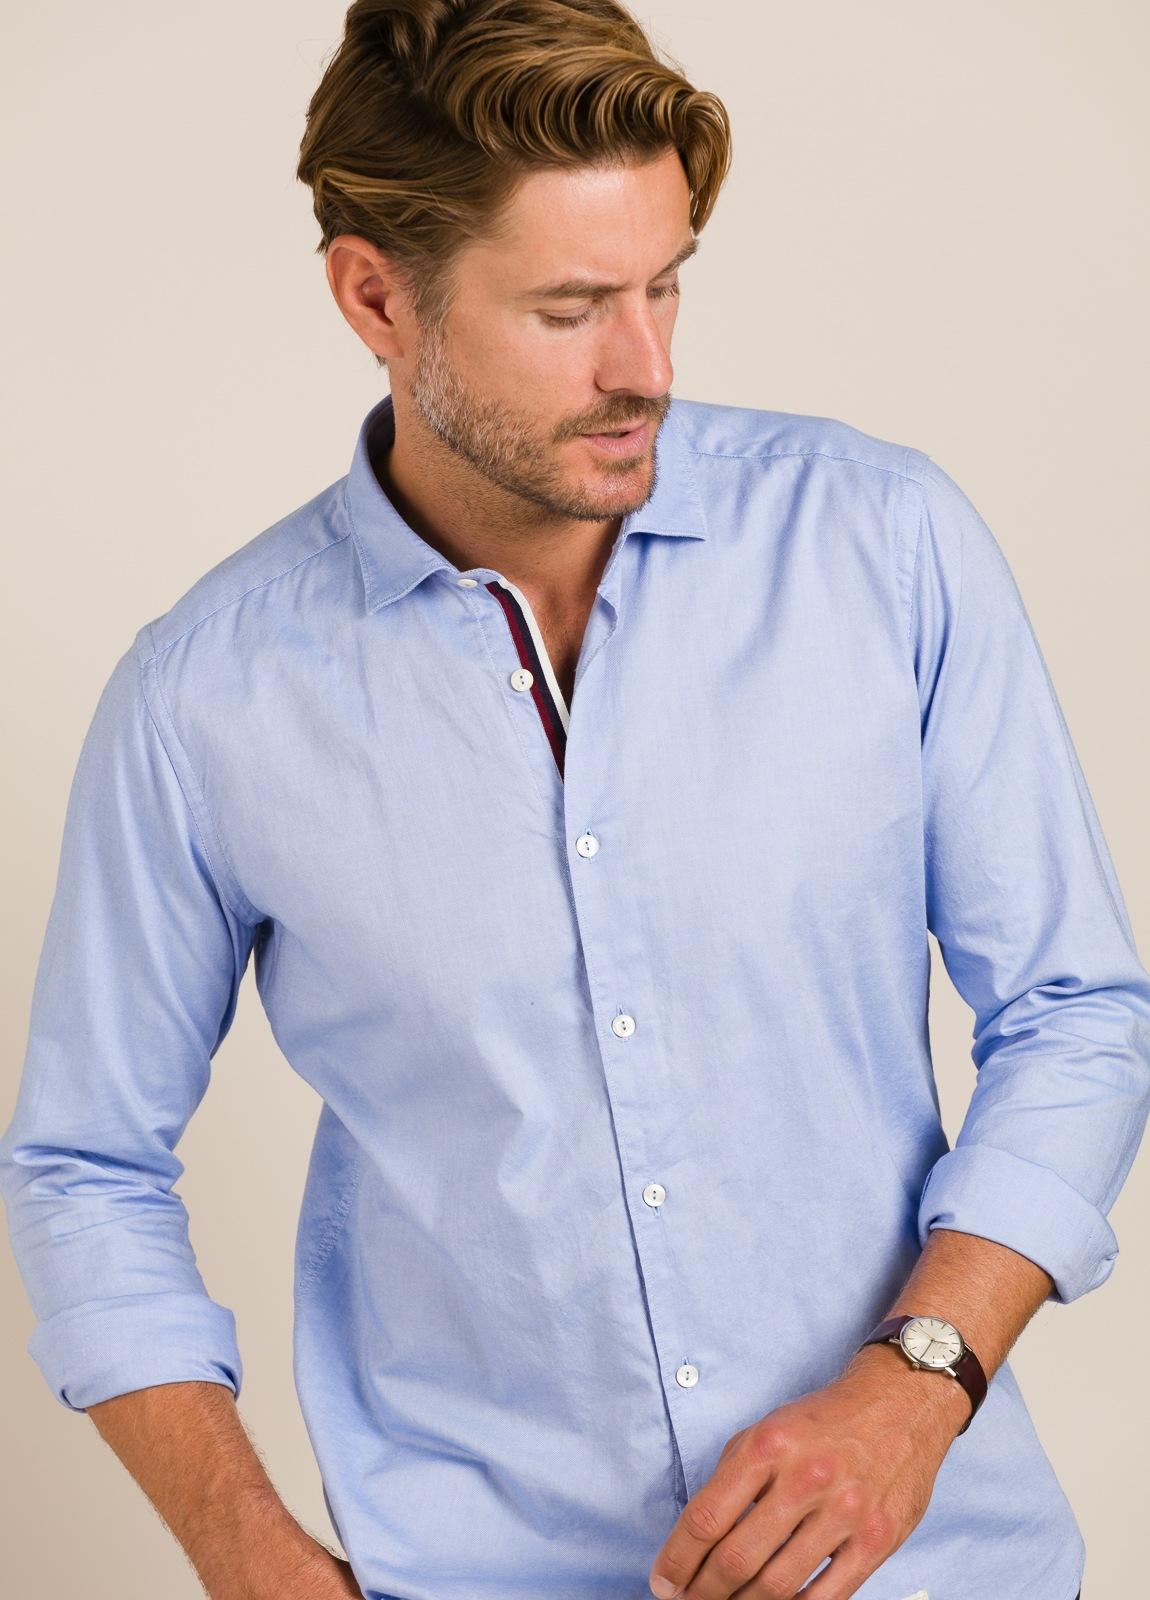 Camisa sport TINTORIA MATEI lisa azul - Ítem3